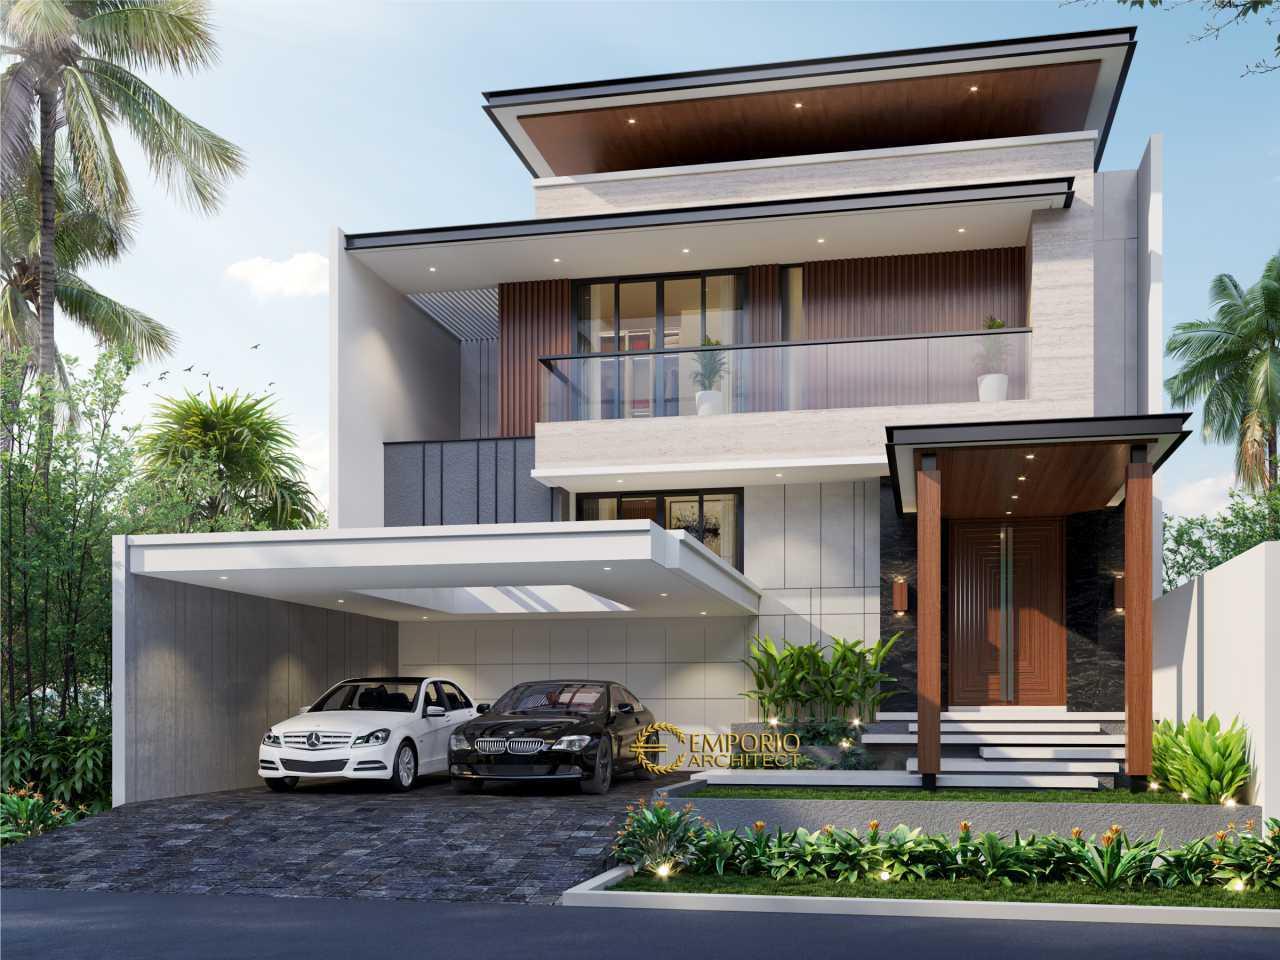 Emporio Architect Jasa Arsitek Bogor Desain Rumah Modern 2 Lantai 757 @ Bogor, Jawa Barat Bogor, Jawa Barat, Indonesia Bogor, Jawa Barat, Indonesia Emporio-Architect-Jasa-Arsitek-Bogor-Desain-Rumah-Modern-2-Lantai-757-Bogor-Jawa-Barat Modern  86976